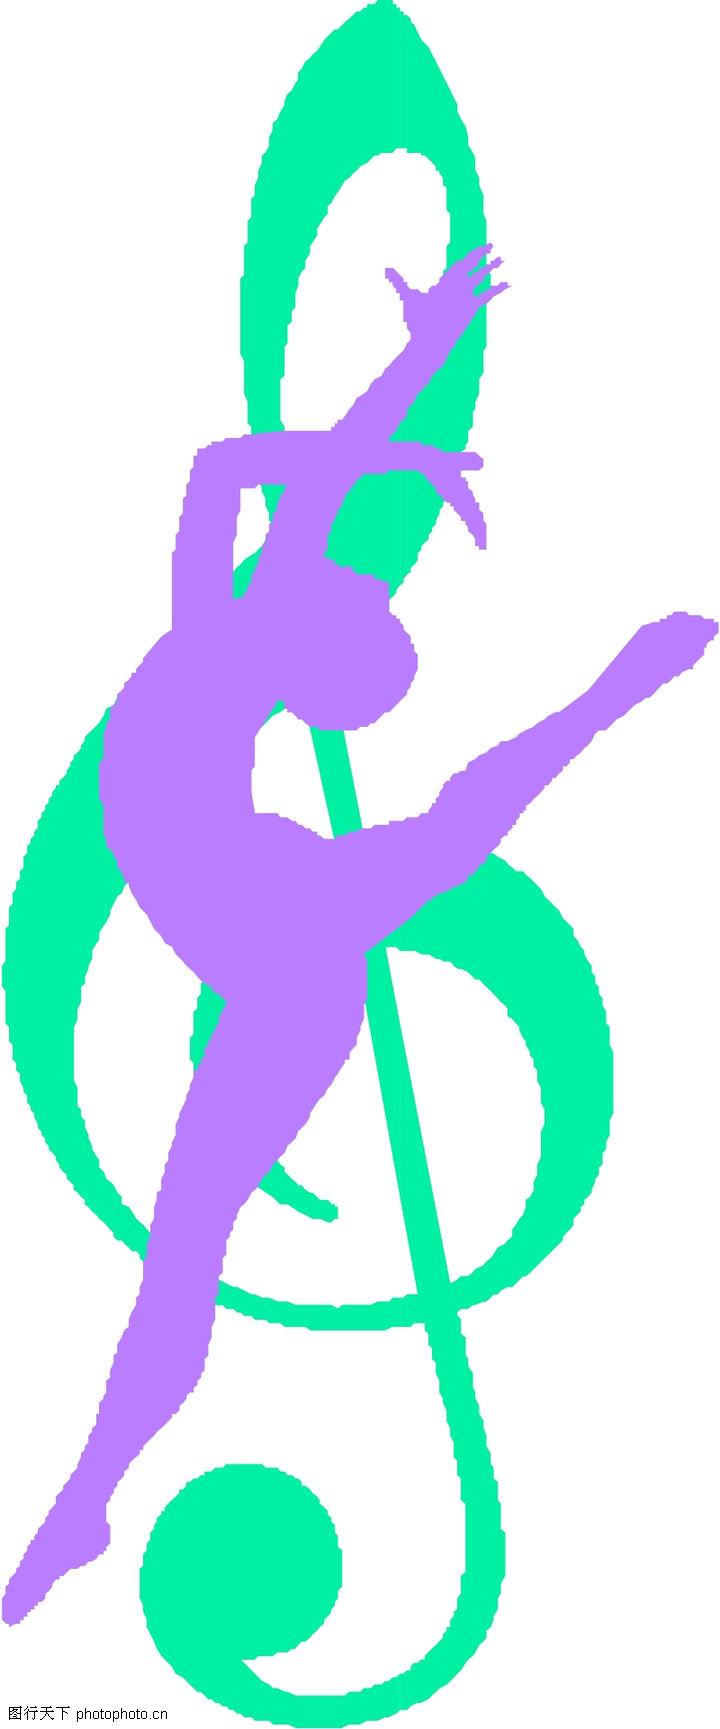 音符 音乐舞蹈